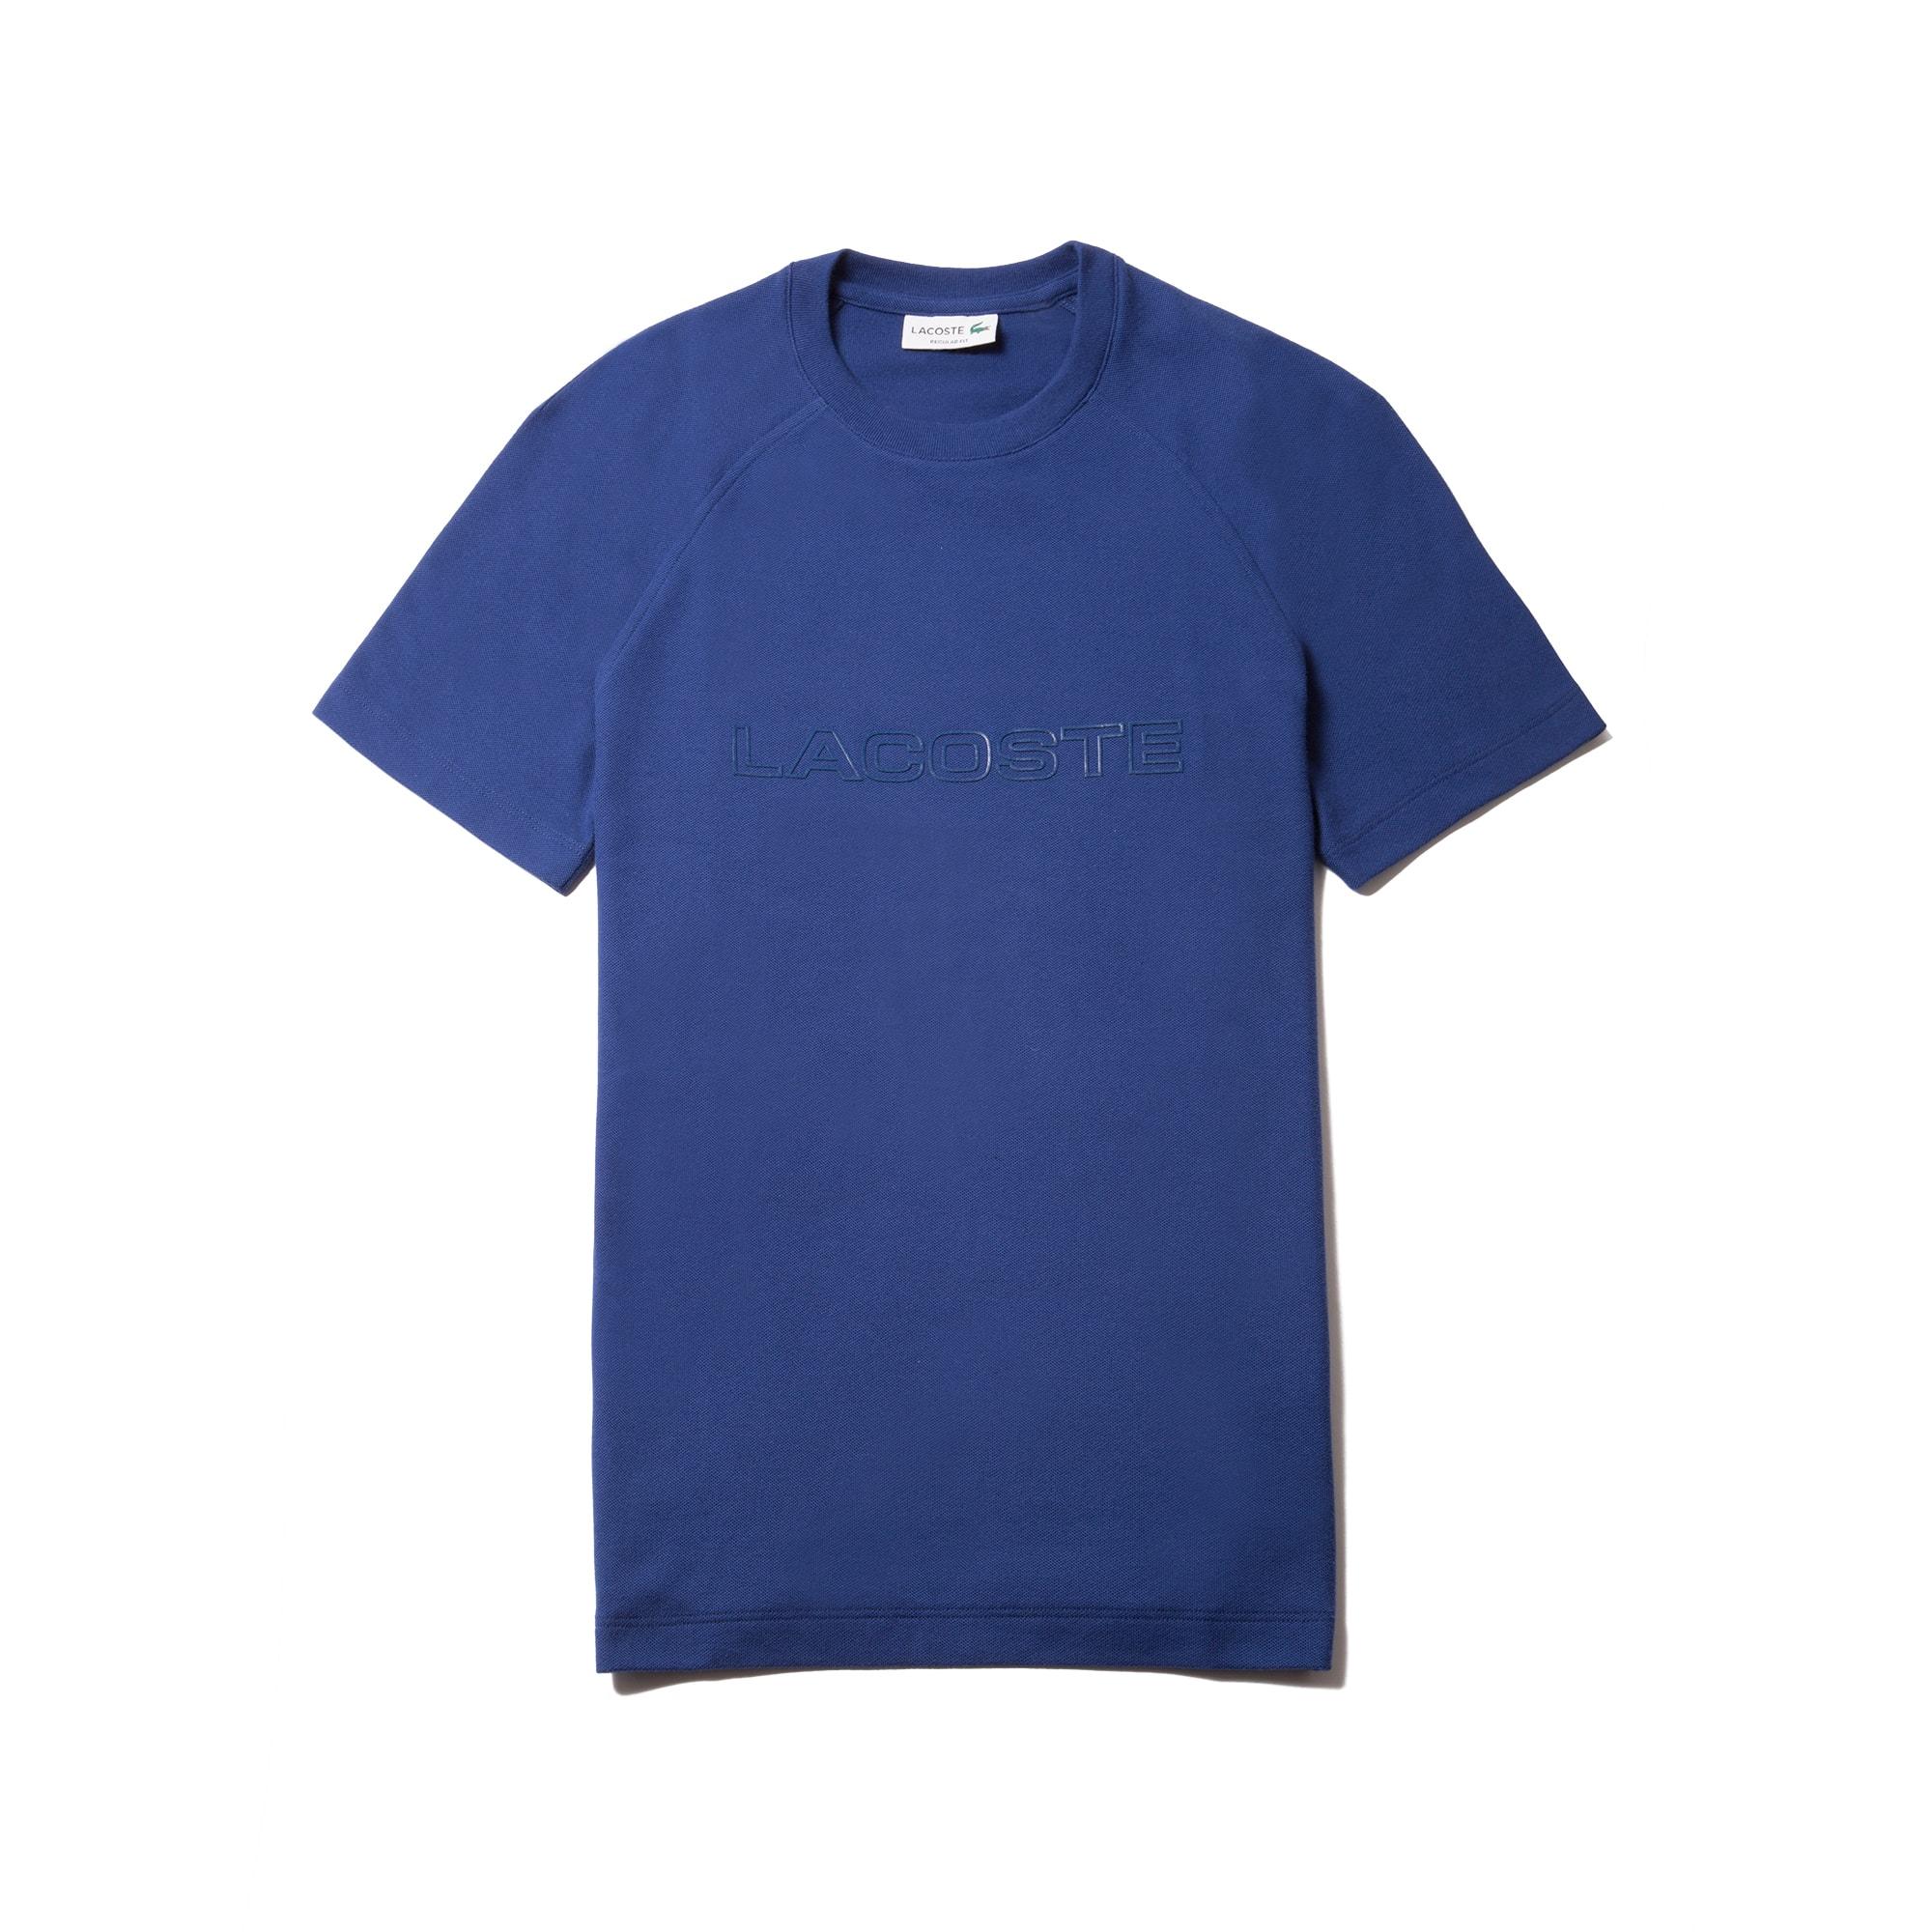 Men's Crew Neck Piqué T-shirt With Lacoste 3D Branding